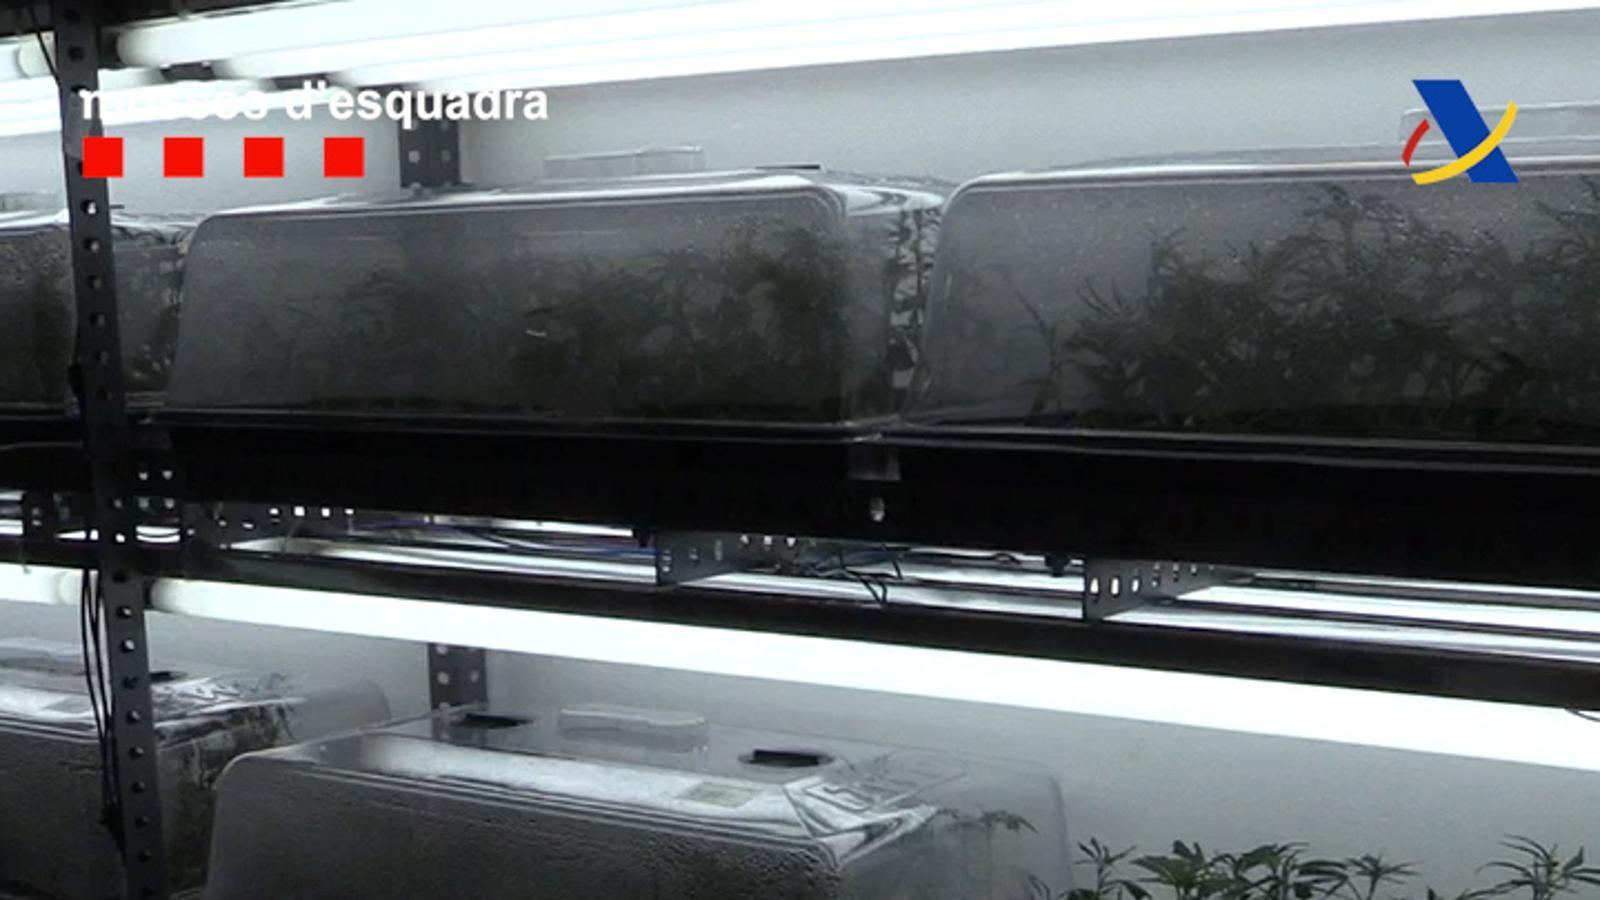 Els Mossos han trobat 20.000 esquetxos de marihuana envasats en cubetes de metacrilat a un negoci de jardineria